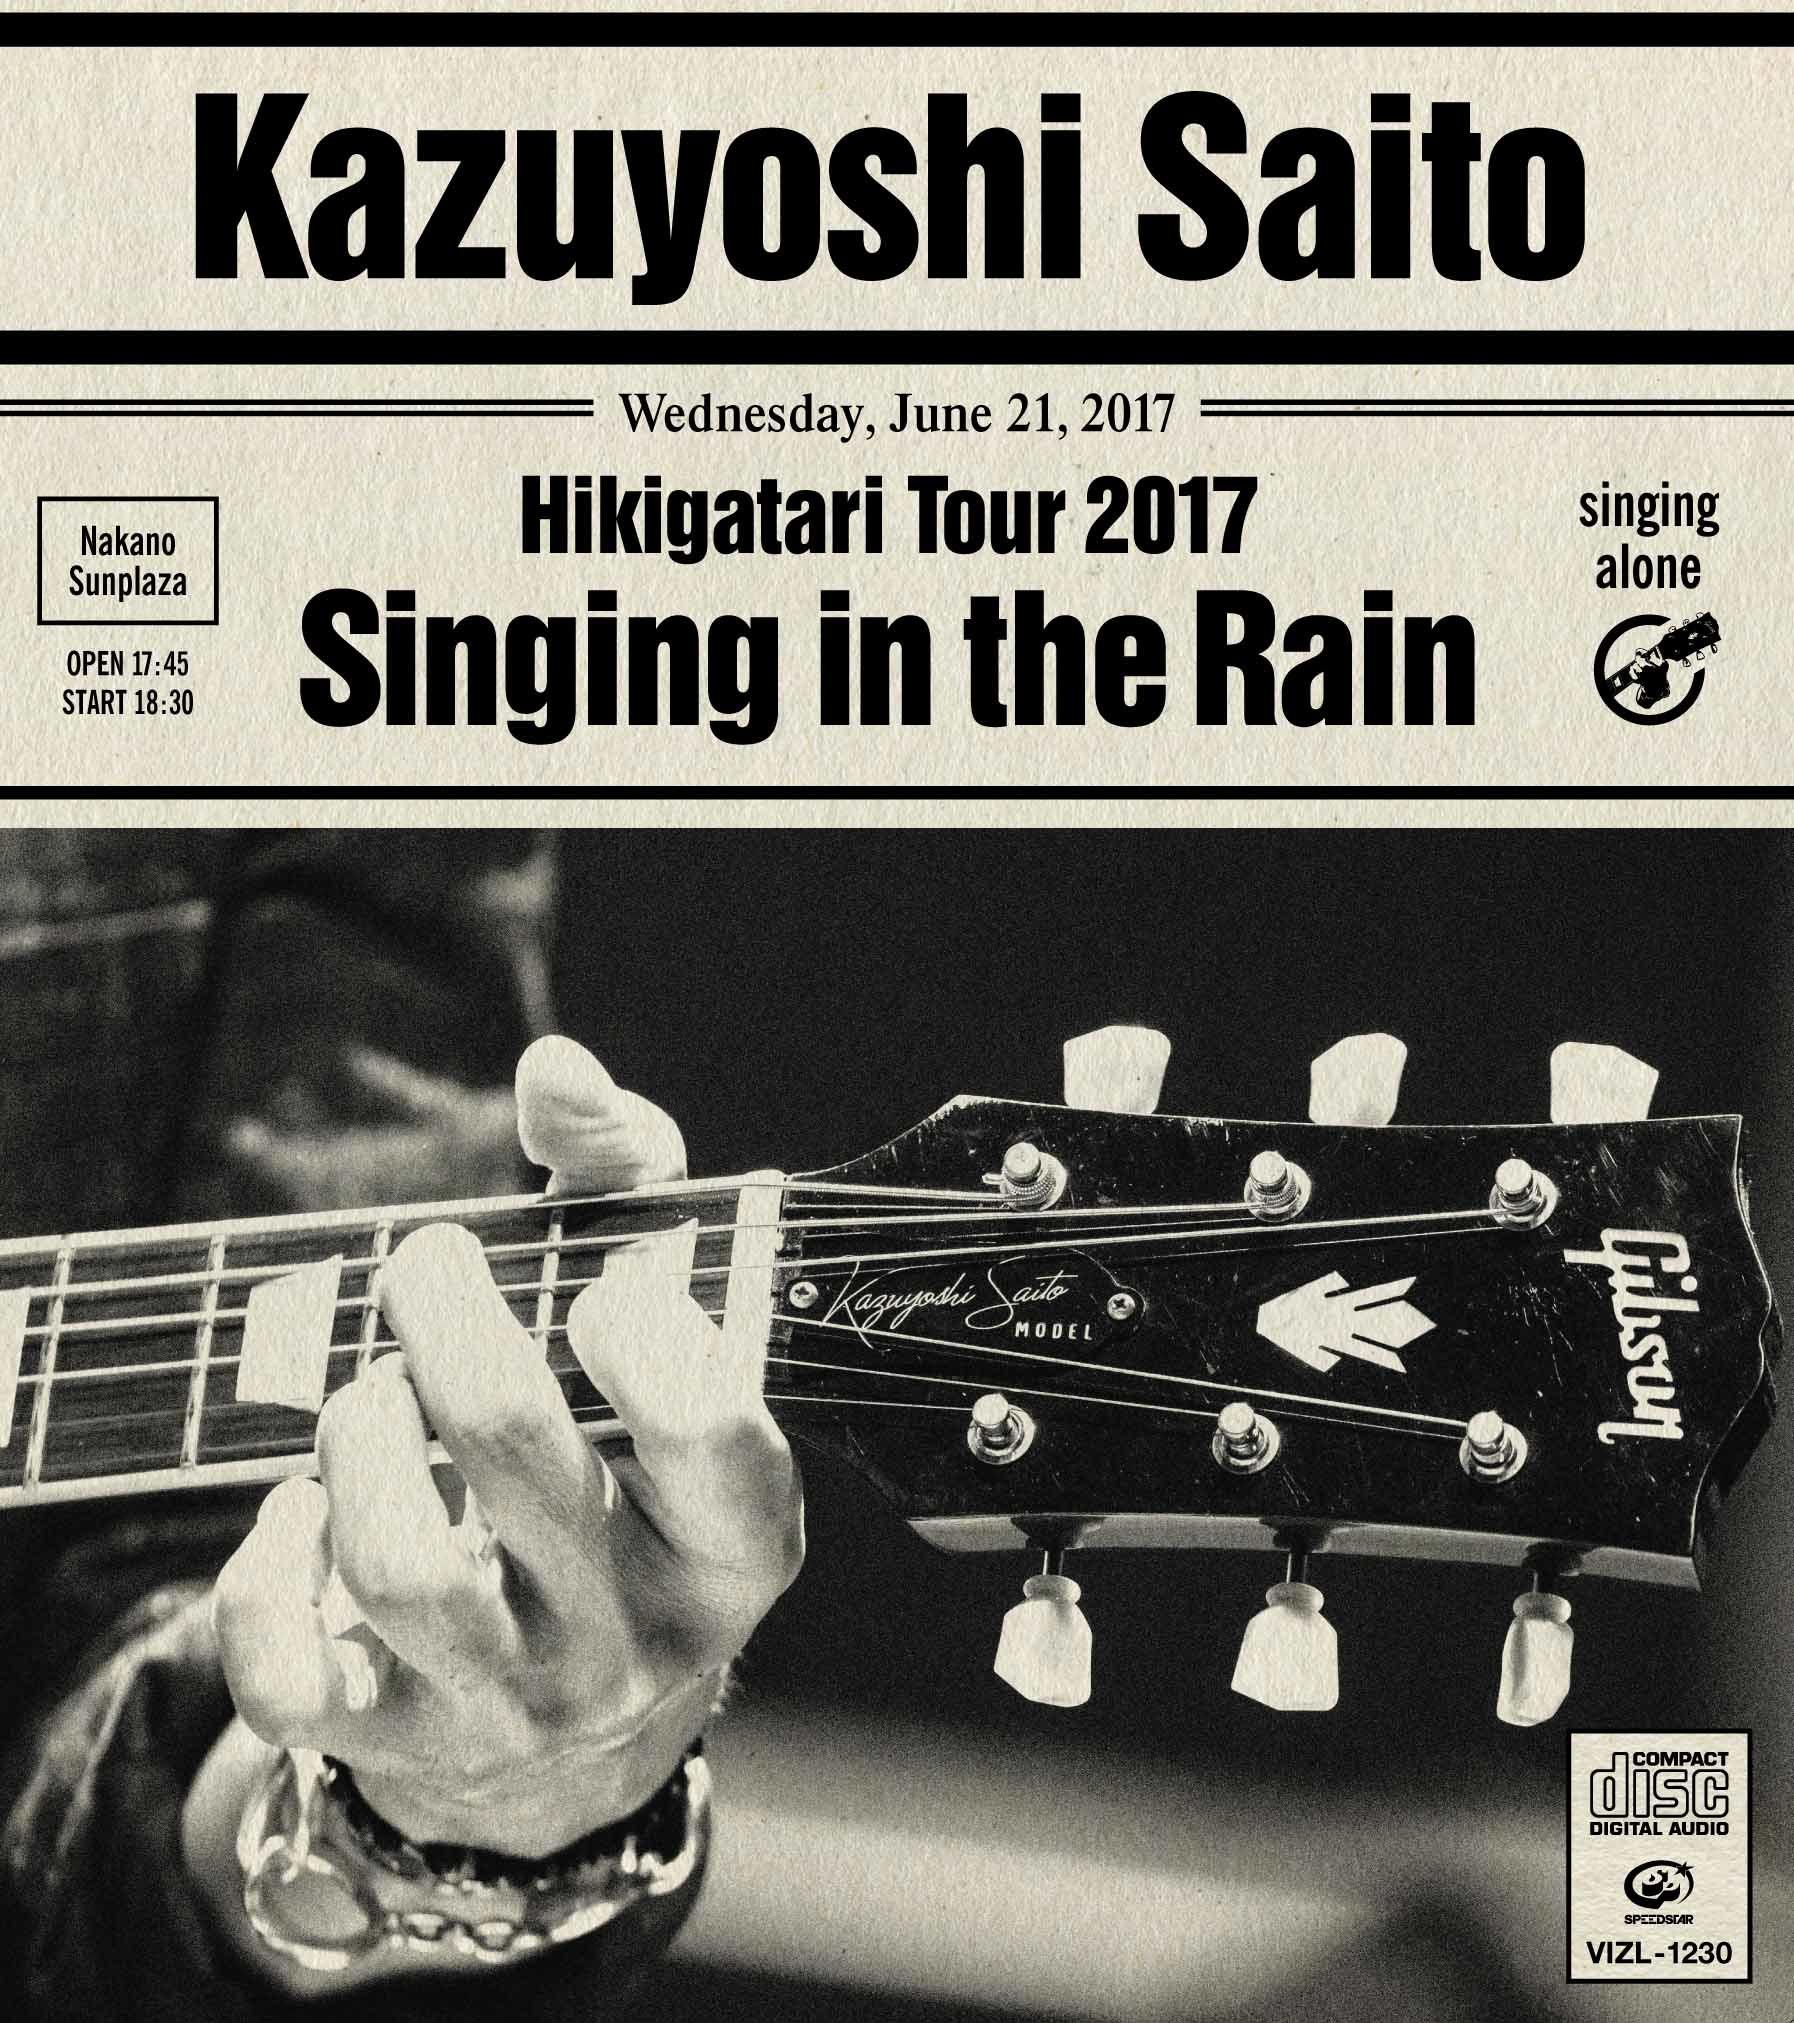 """『斉藤和義 弾き語りツアー 2017 """"雨に歌えば"""" Live at 中野サンプラザ 2017.06.21』CD"""